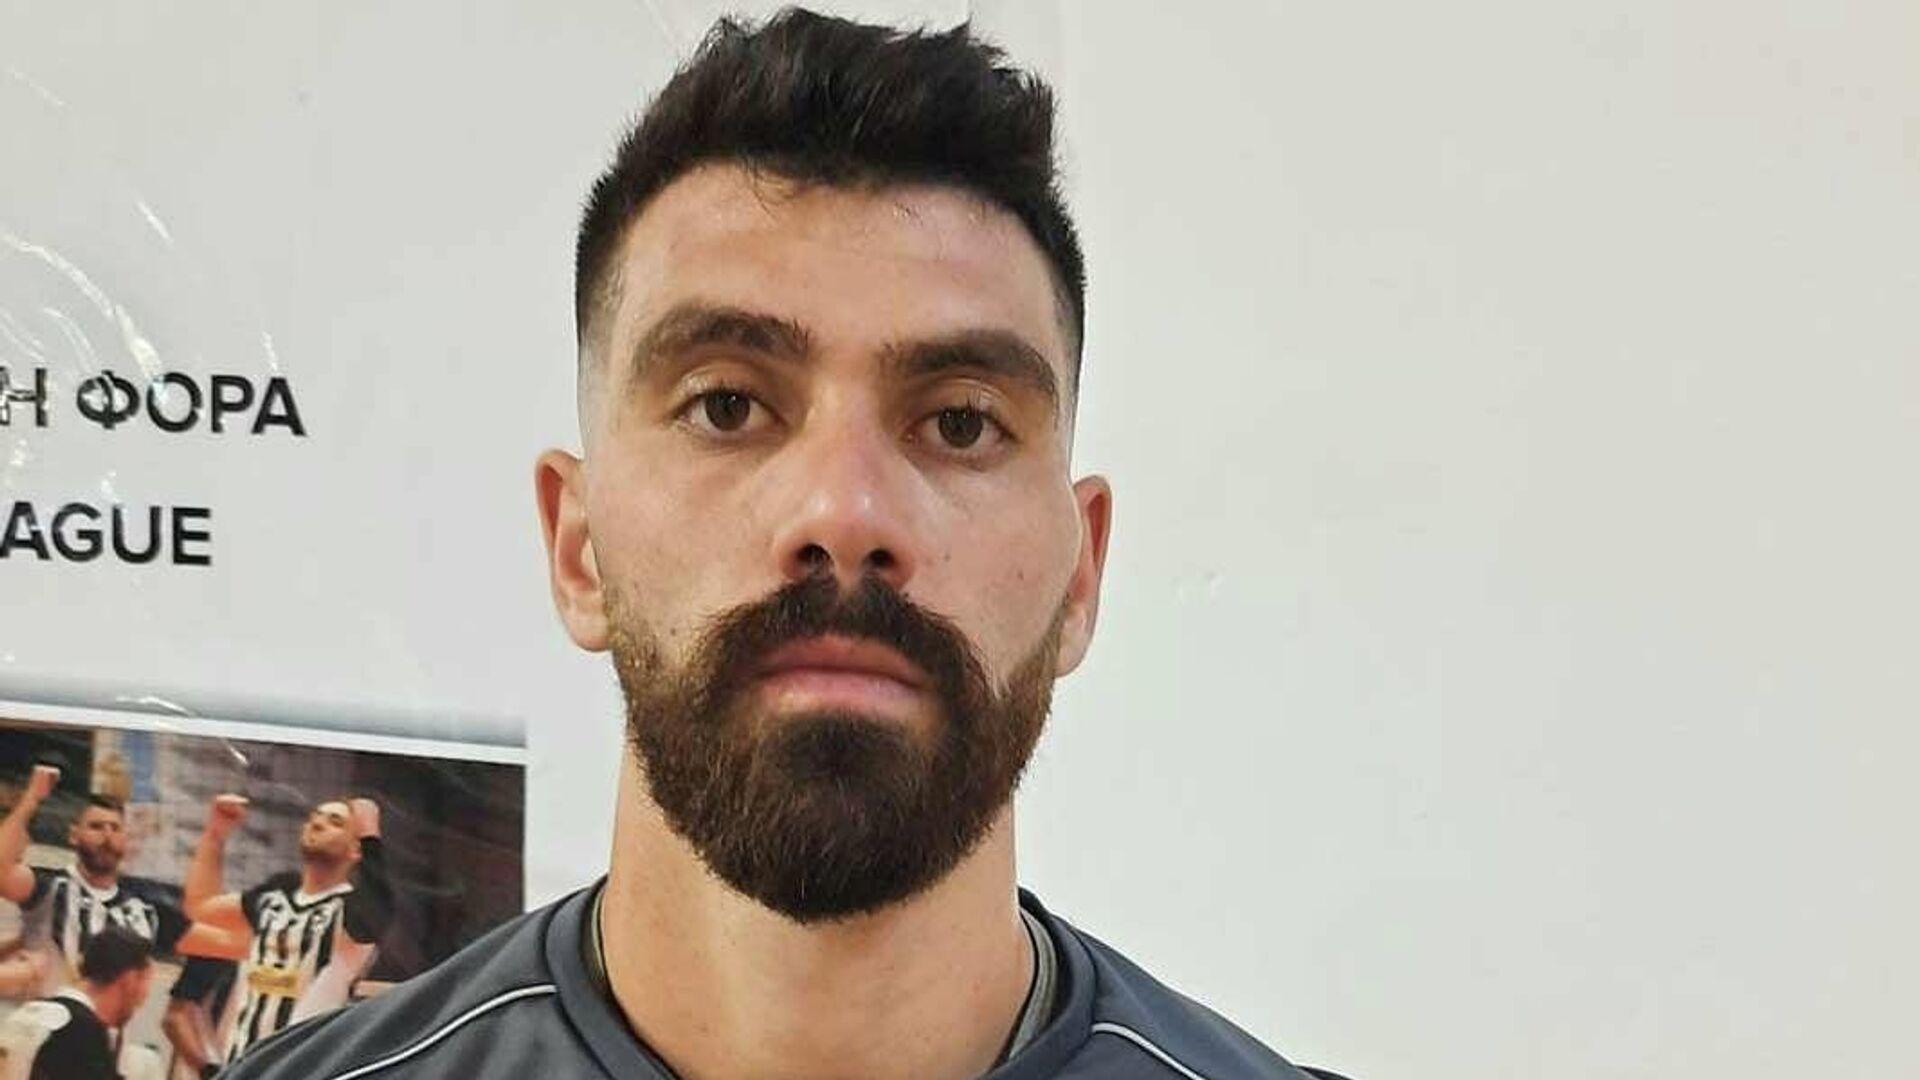 Ο βολεϊμπολίστας του ΟΦΗ, Δημήτρης Γιαννόπουλος - Sputnik Ελλάδα, 1920, 14.10.2021